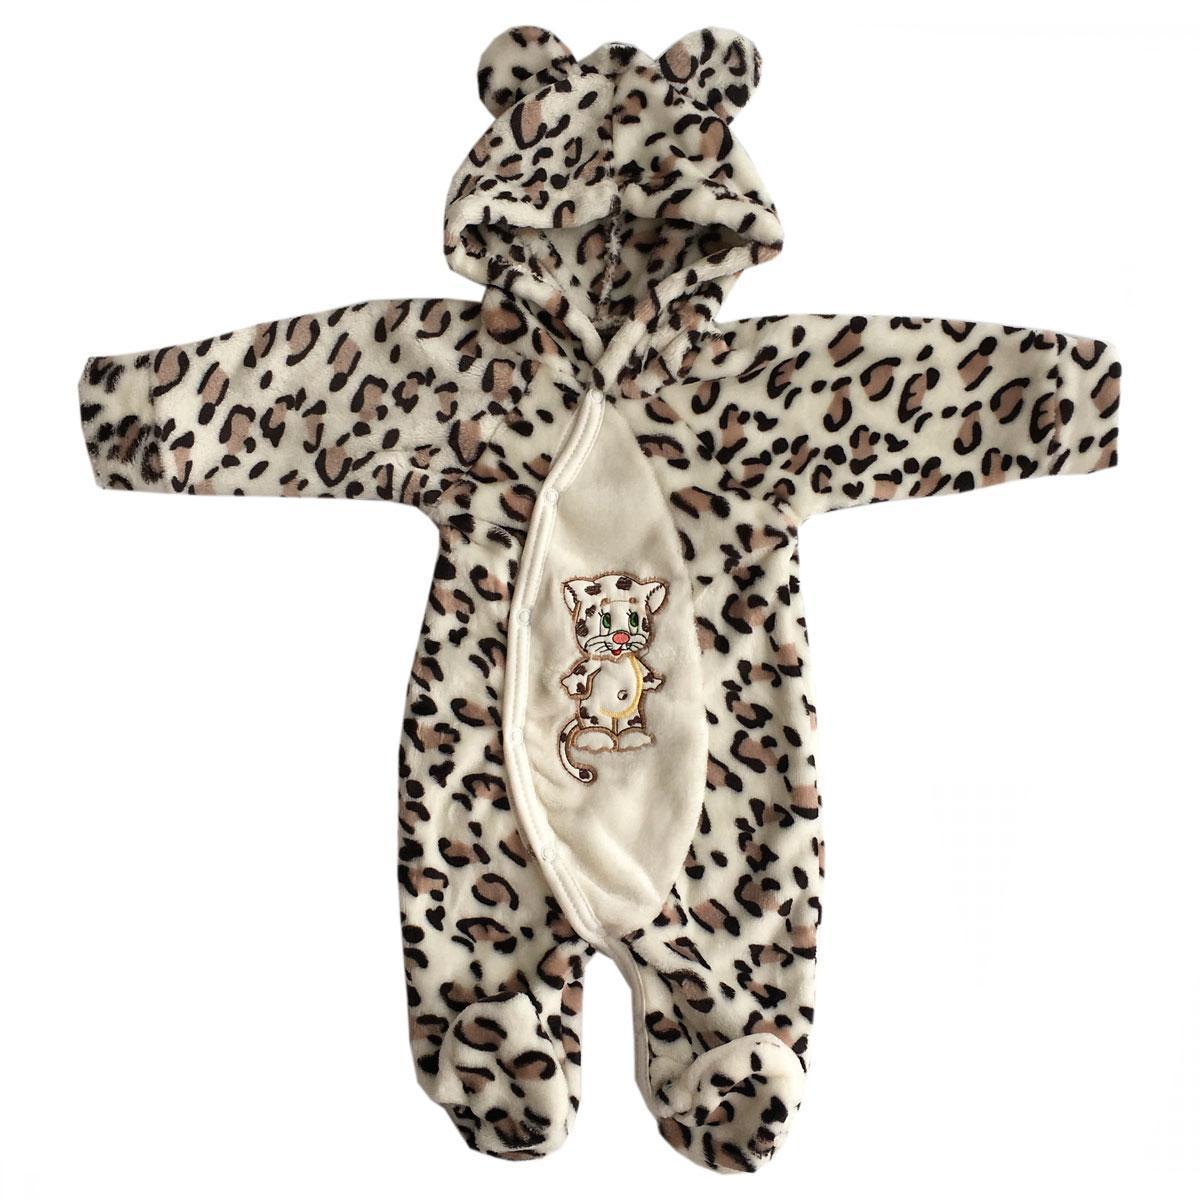 Комбинезон леопардовый для детей